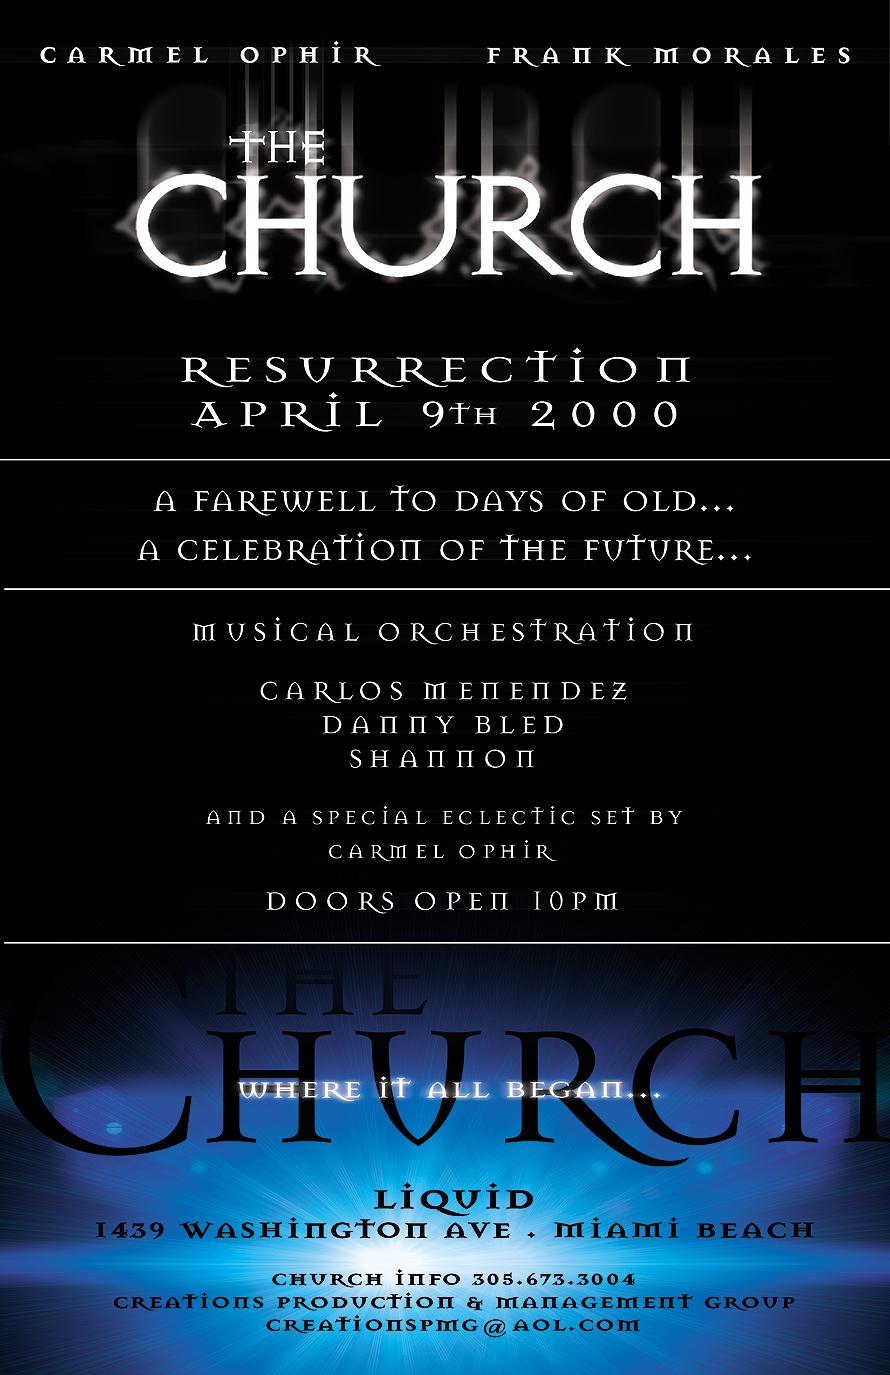 The Church Resurrection at Club Liquid